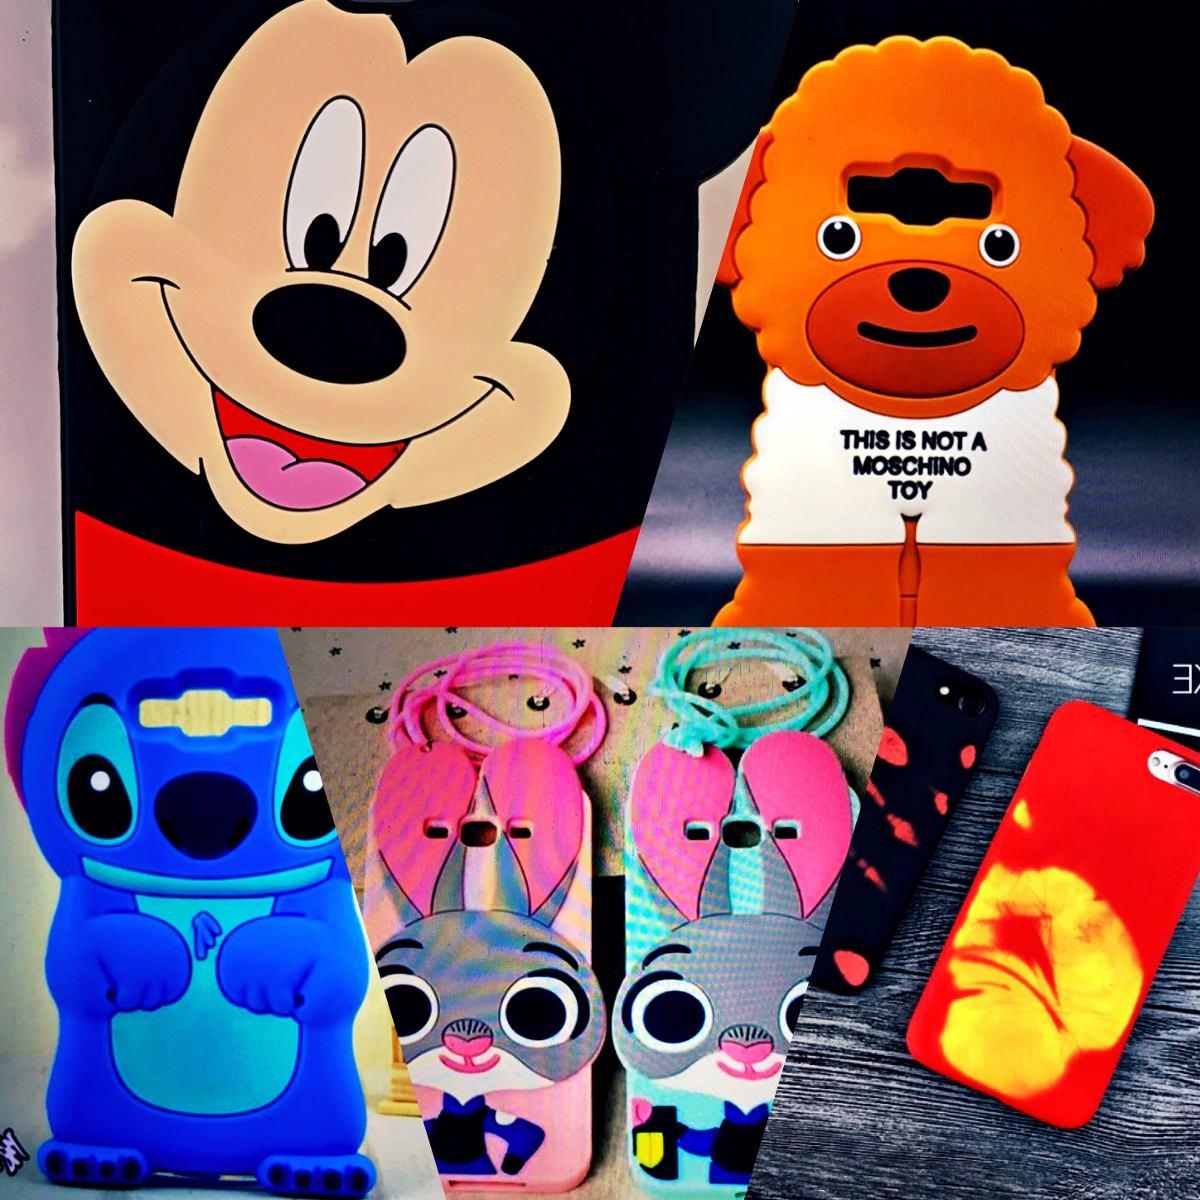 653faeb72c0 Funda Animada 3d iPhone 6 6s 6s Plus 7 Y 7 Plus - $ 240,00 en ...